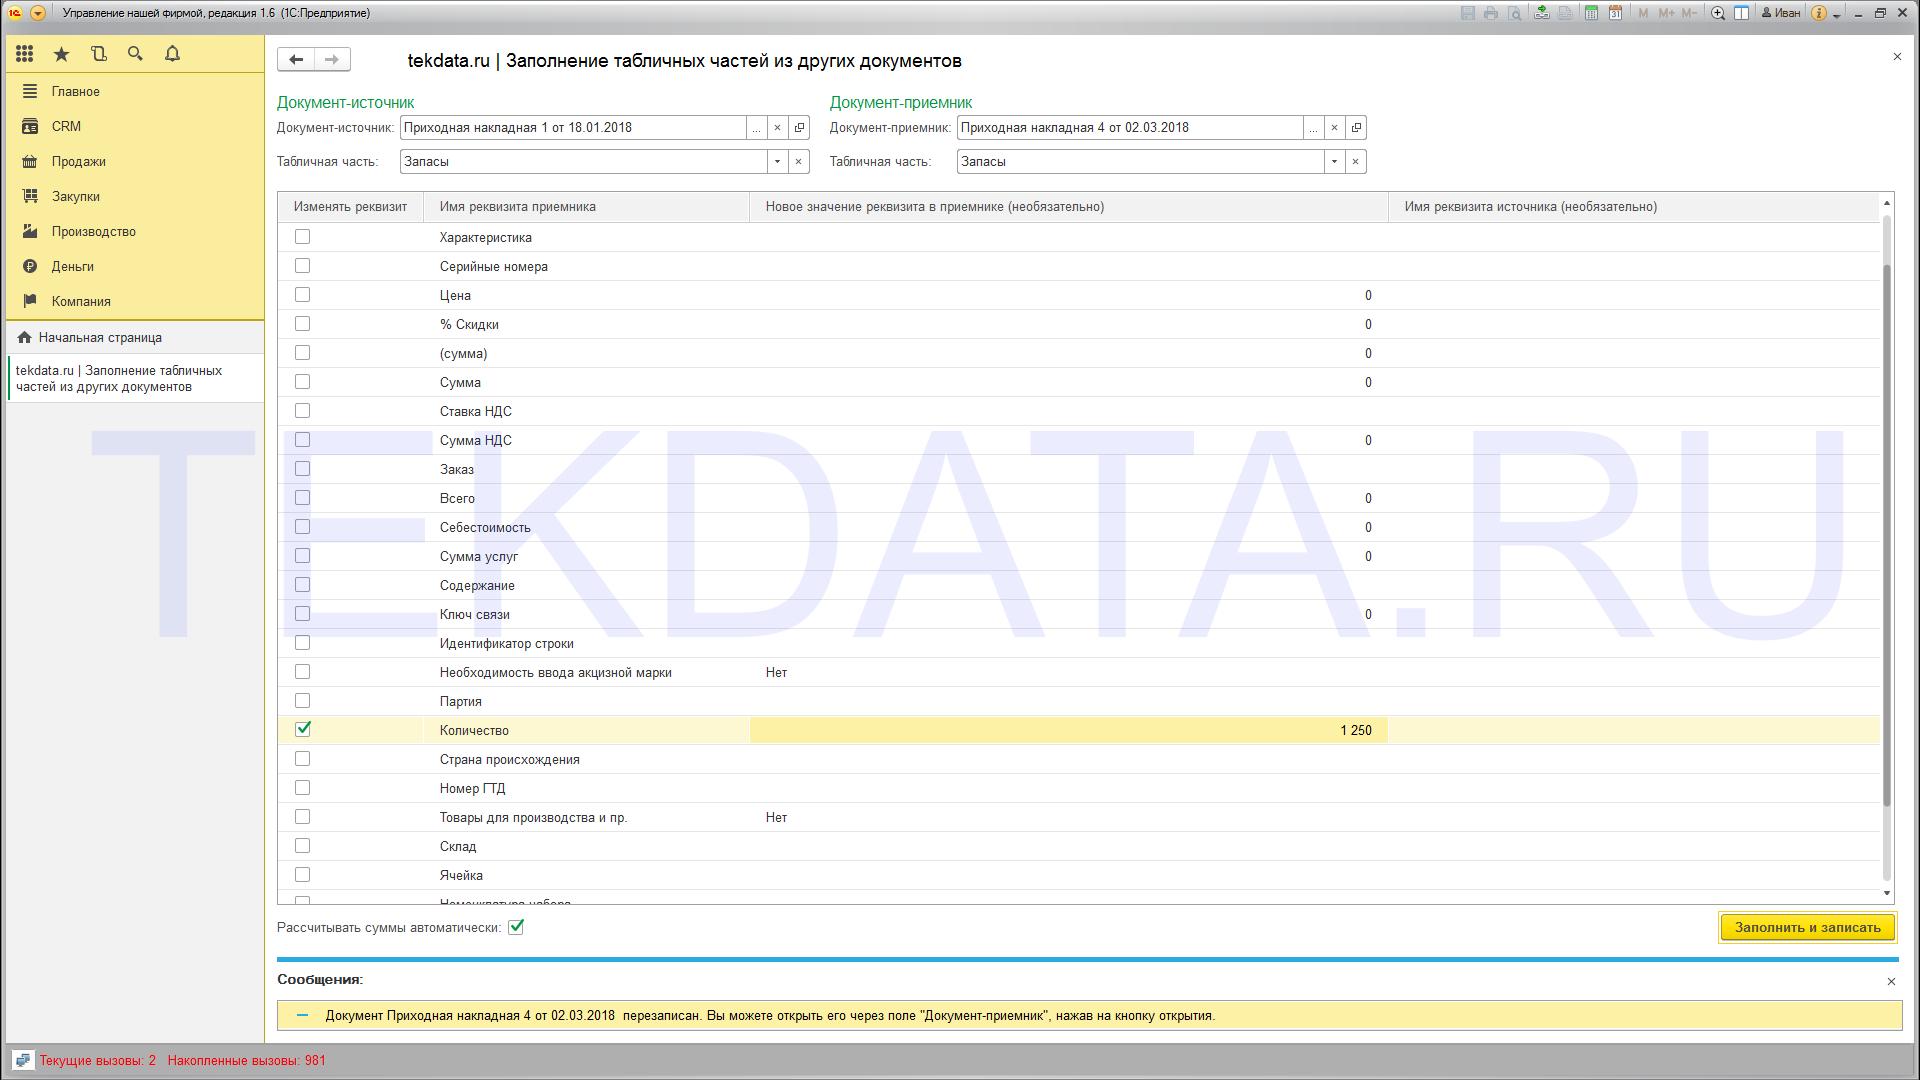 Заполнение табличных частей из других документов для УНФ 1.6